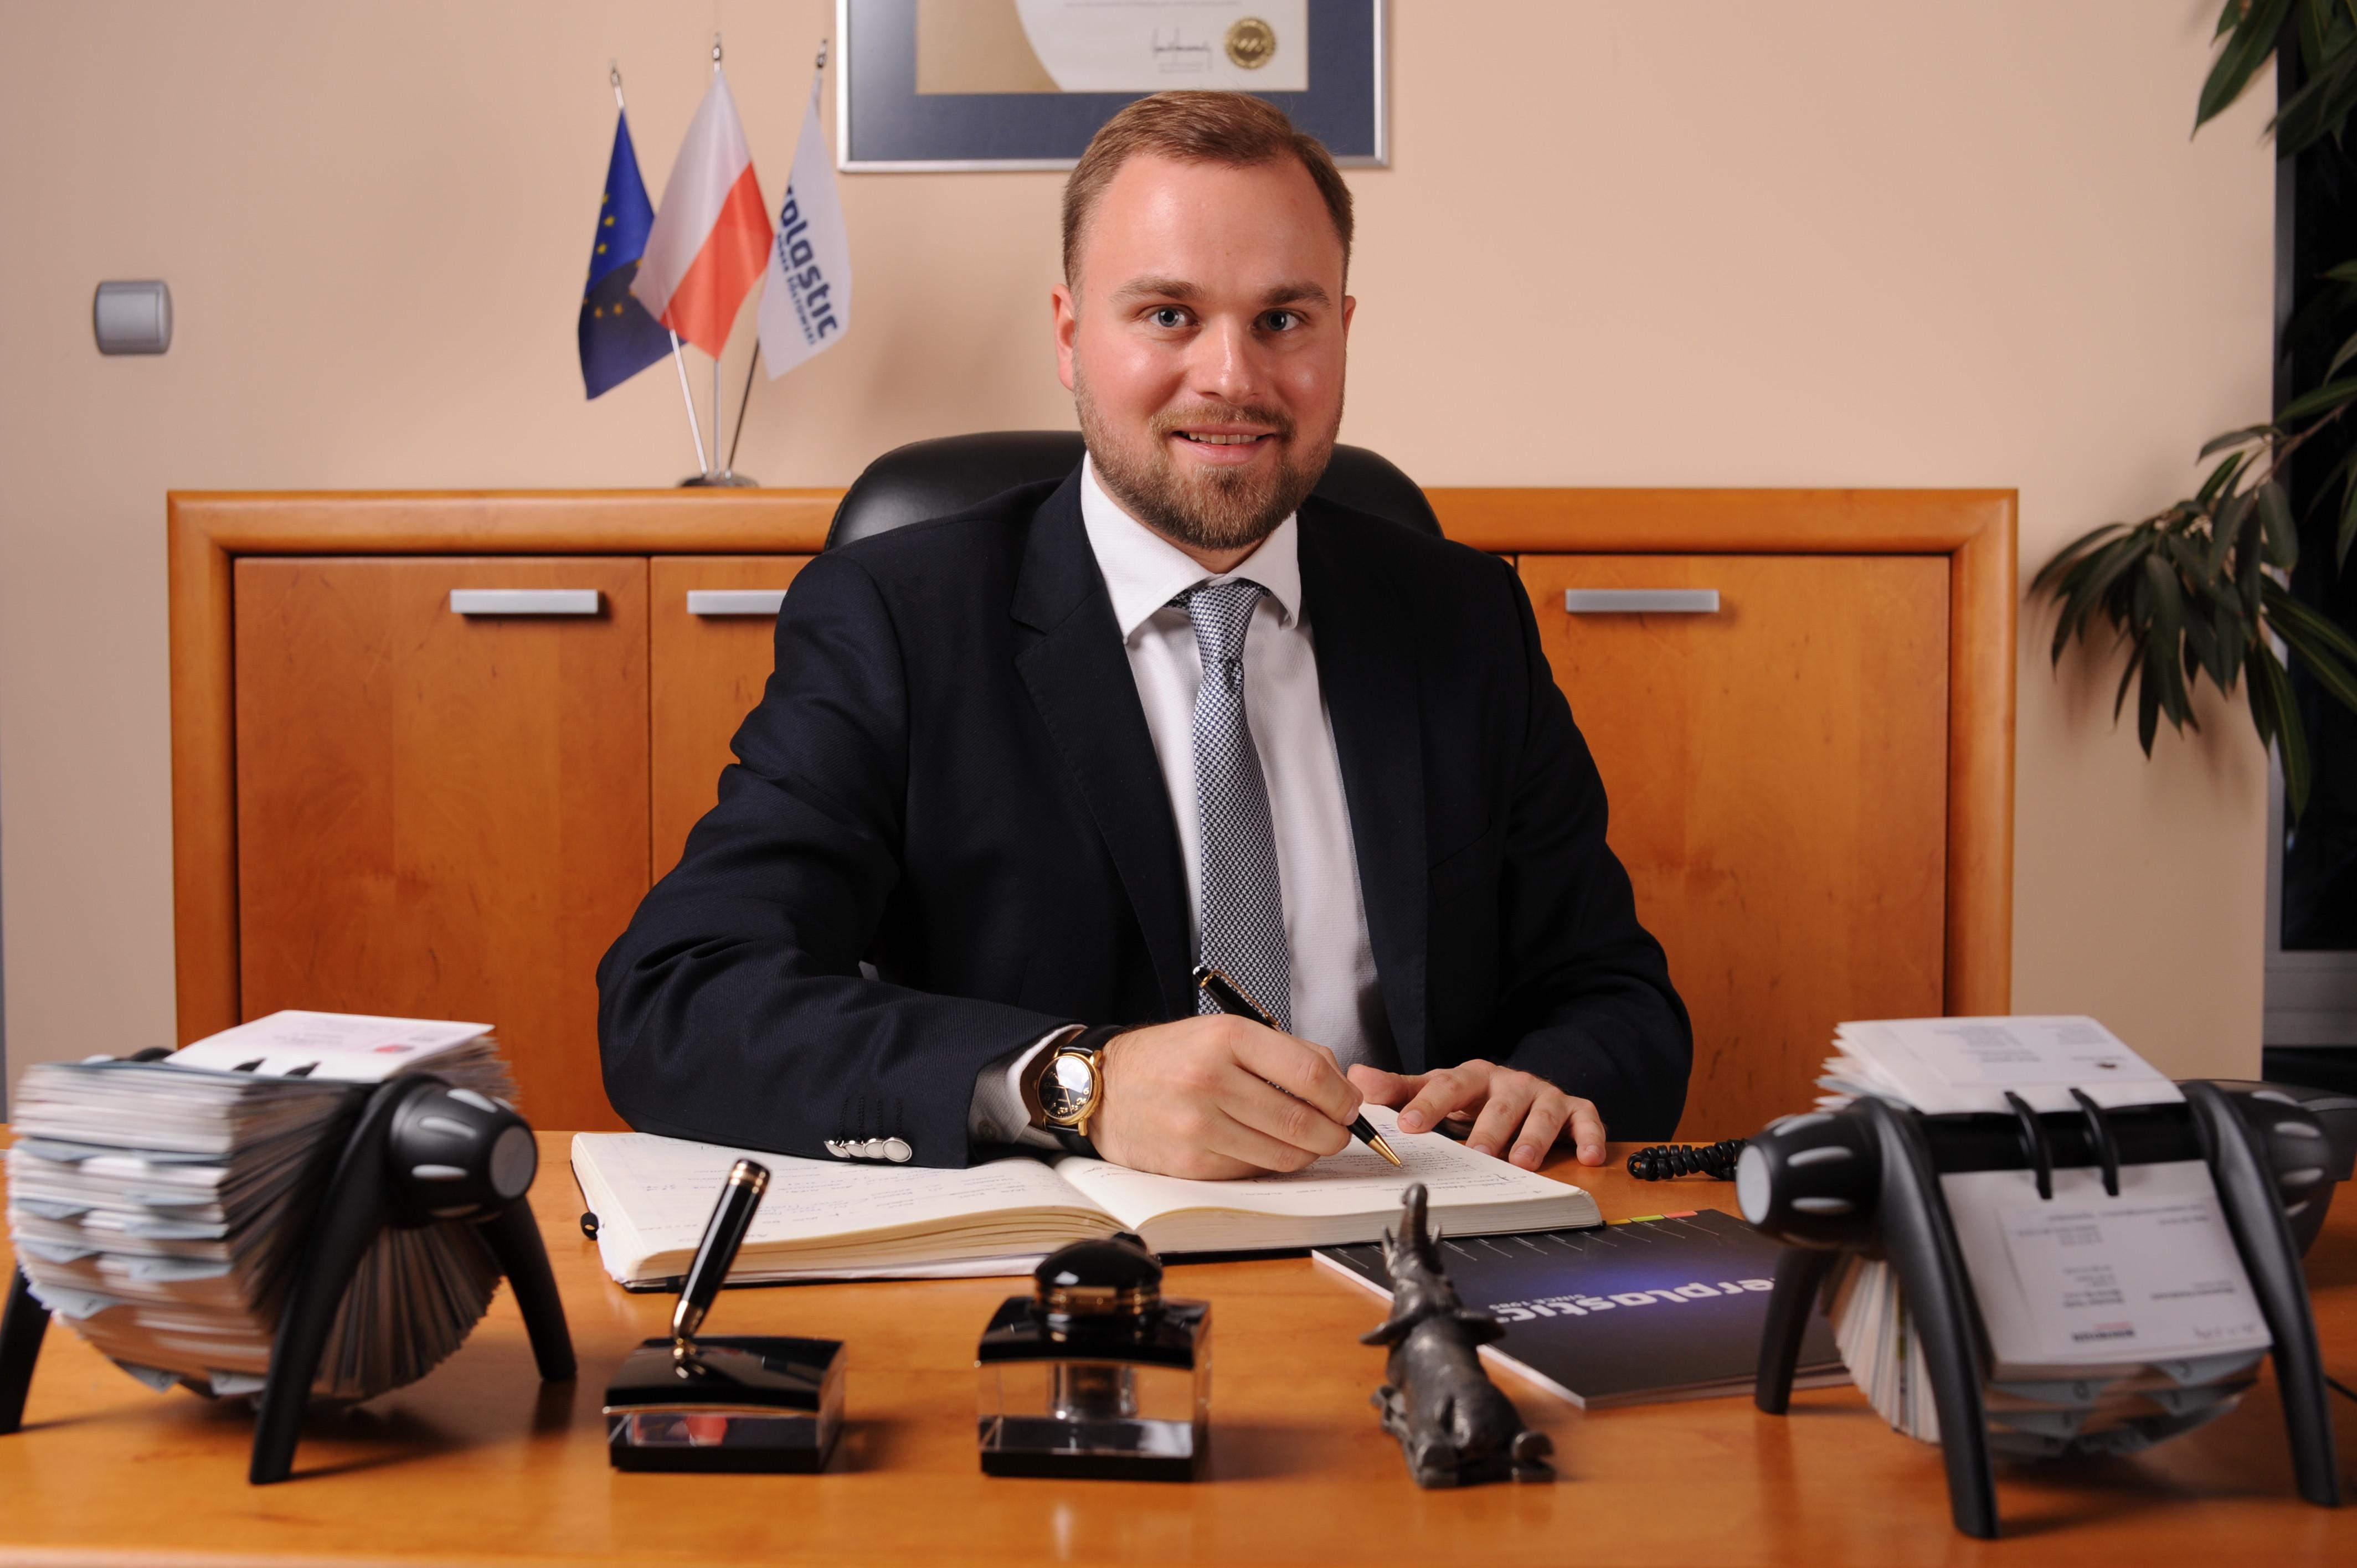 Jan Żółtowski